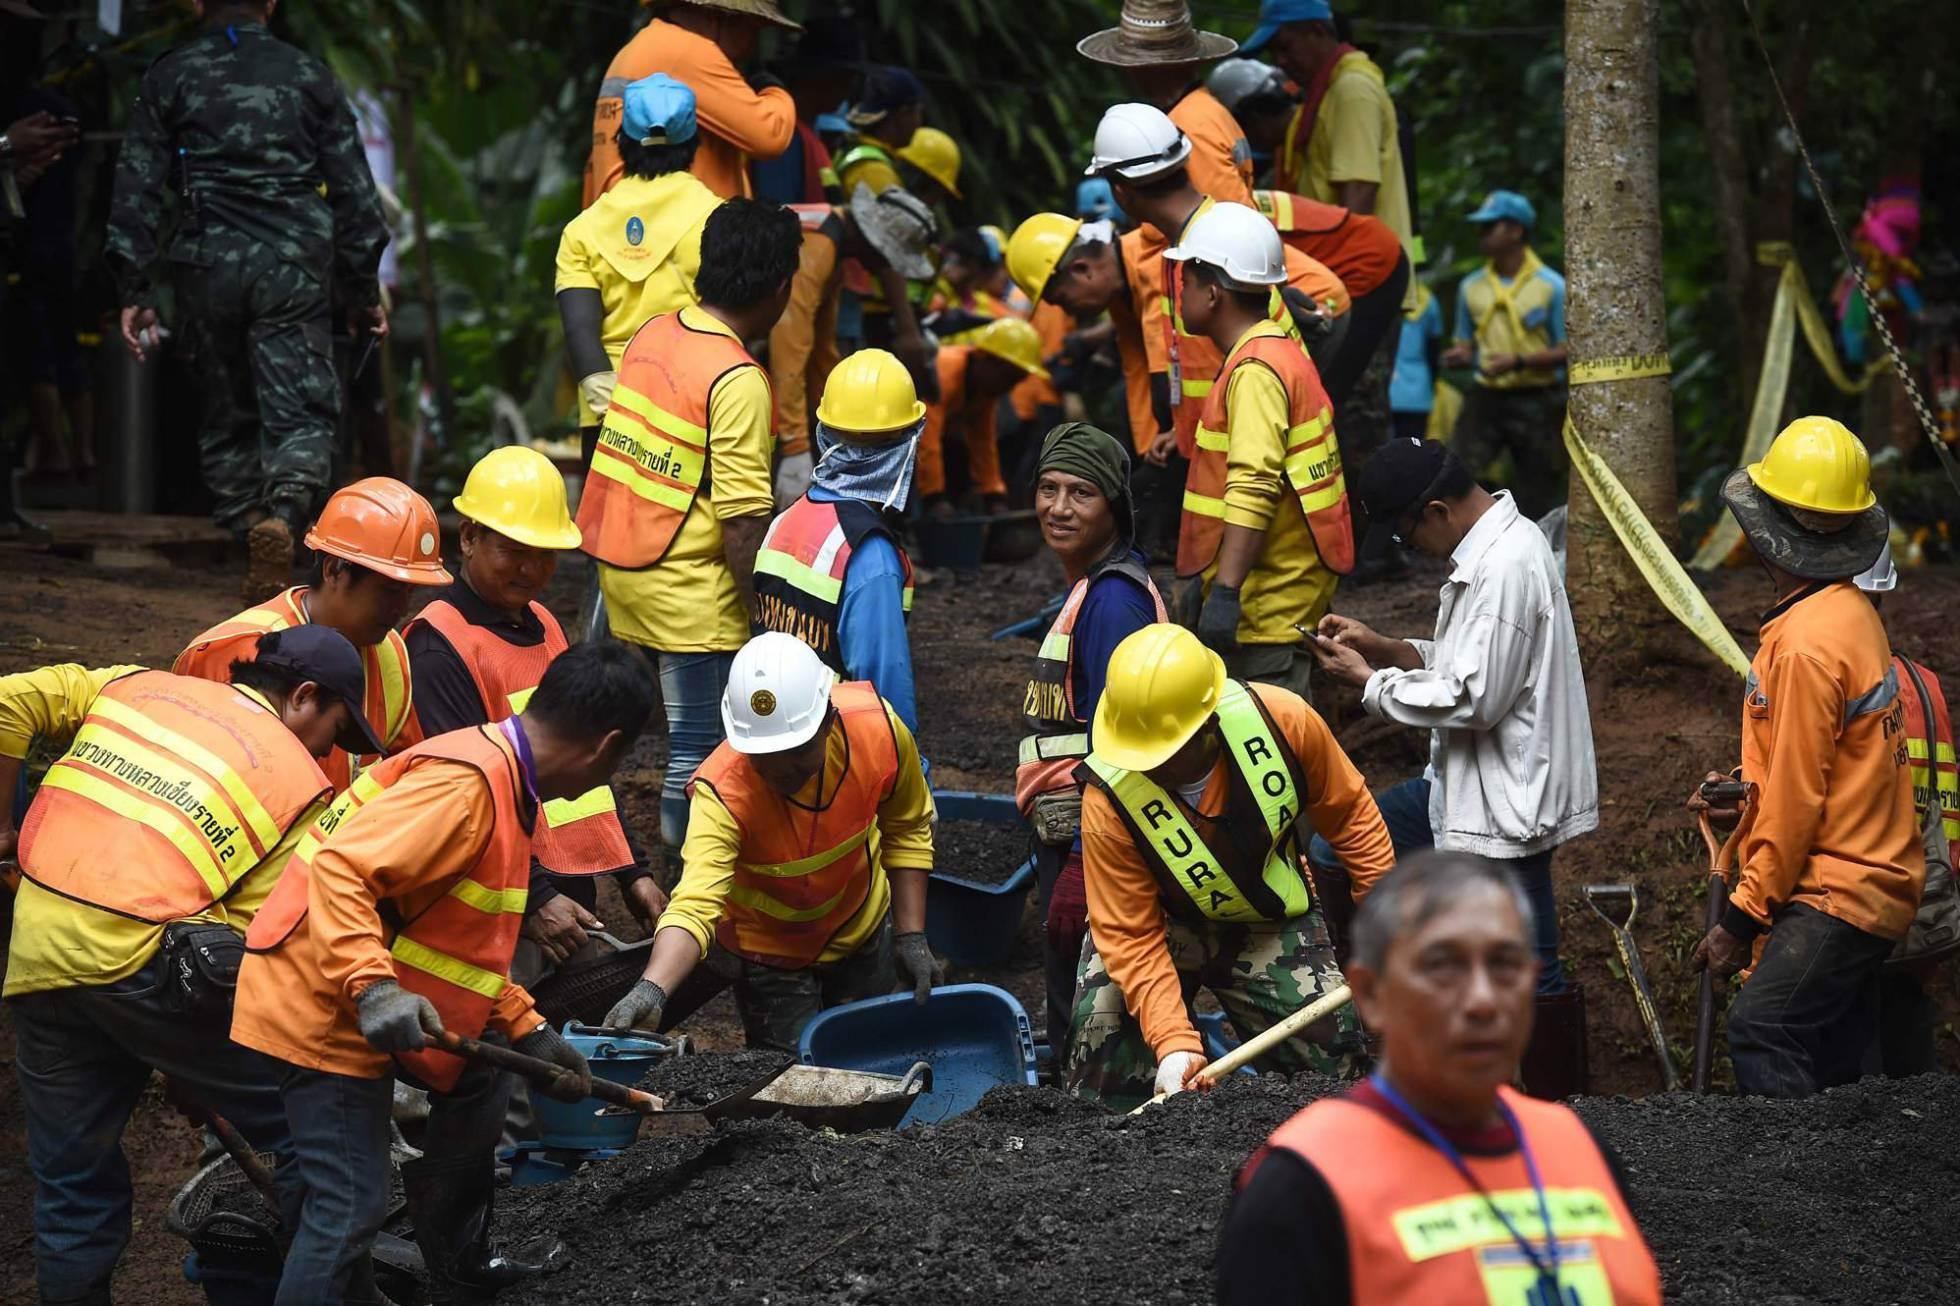 Un grupo de trabajadores arregla el camino que conduce hasta la cueva, en Khun Nam Nang Non Forest Park, el 3 de julio de 2018.